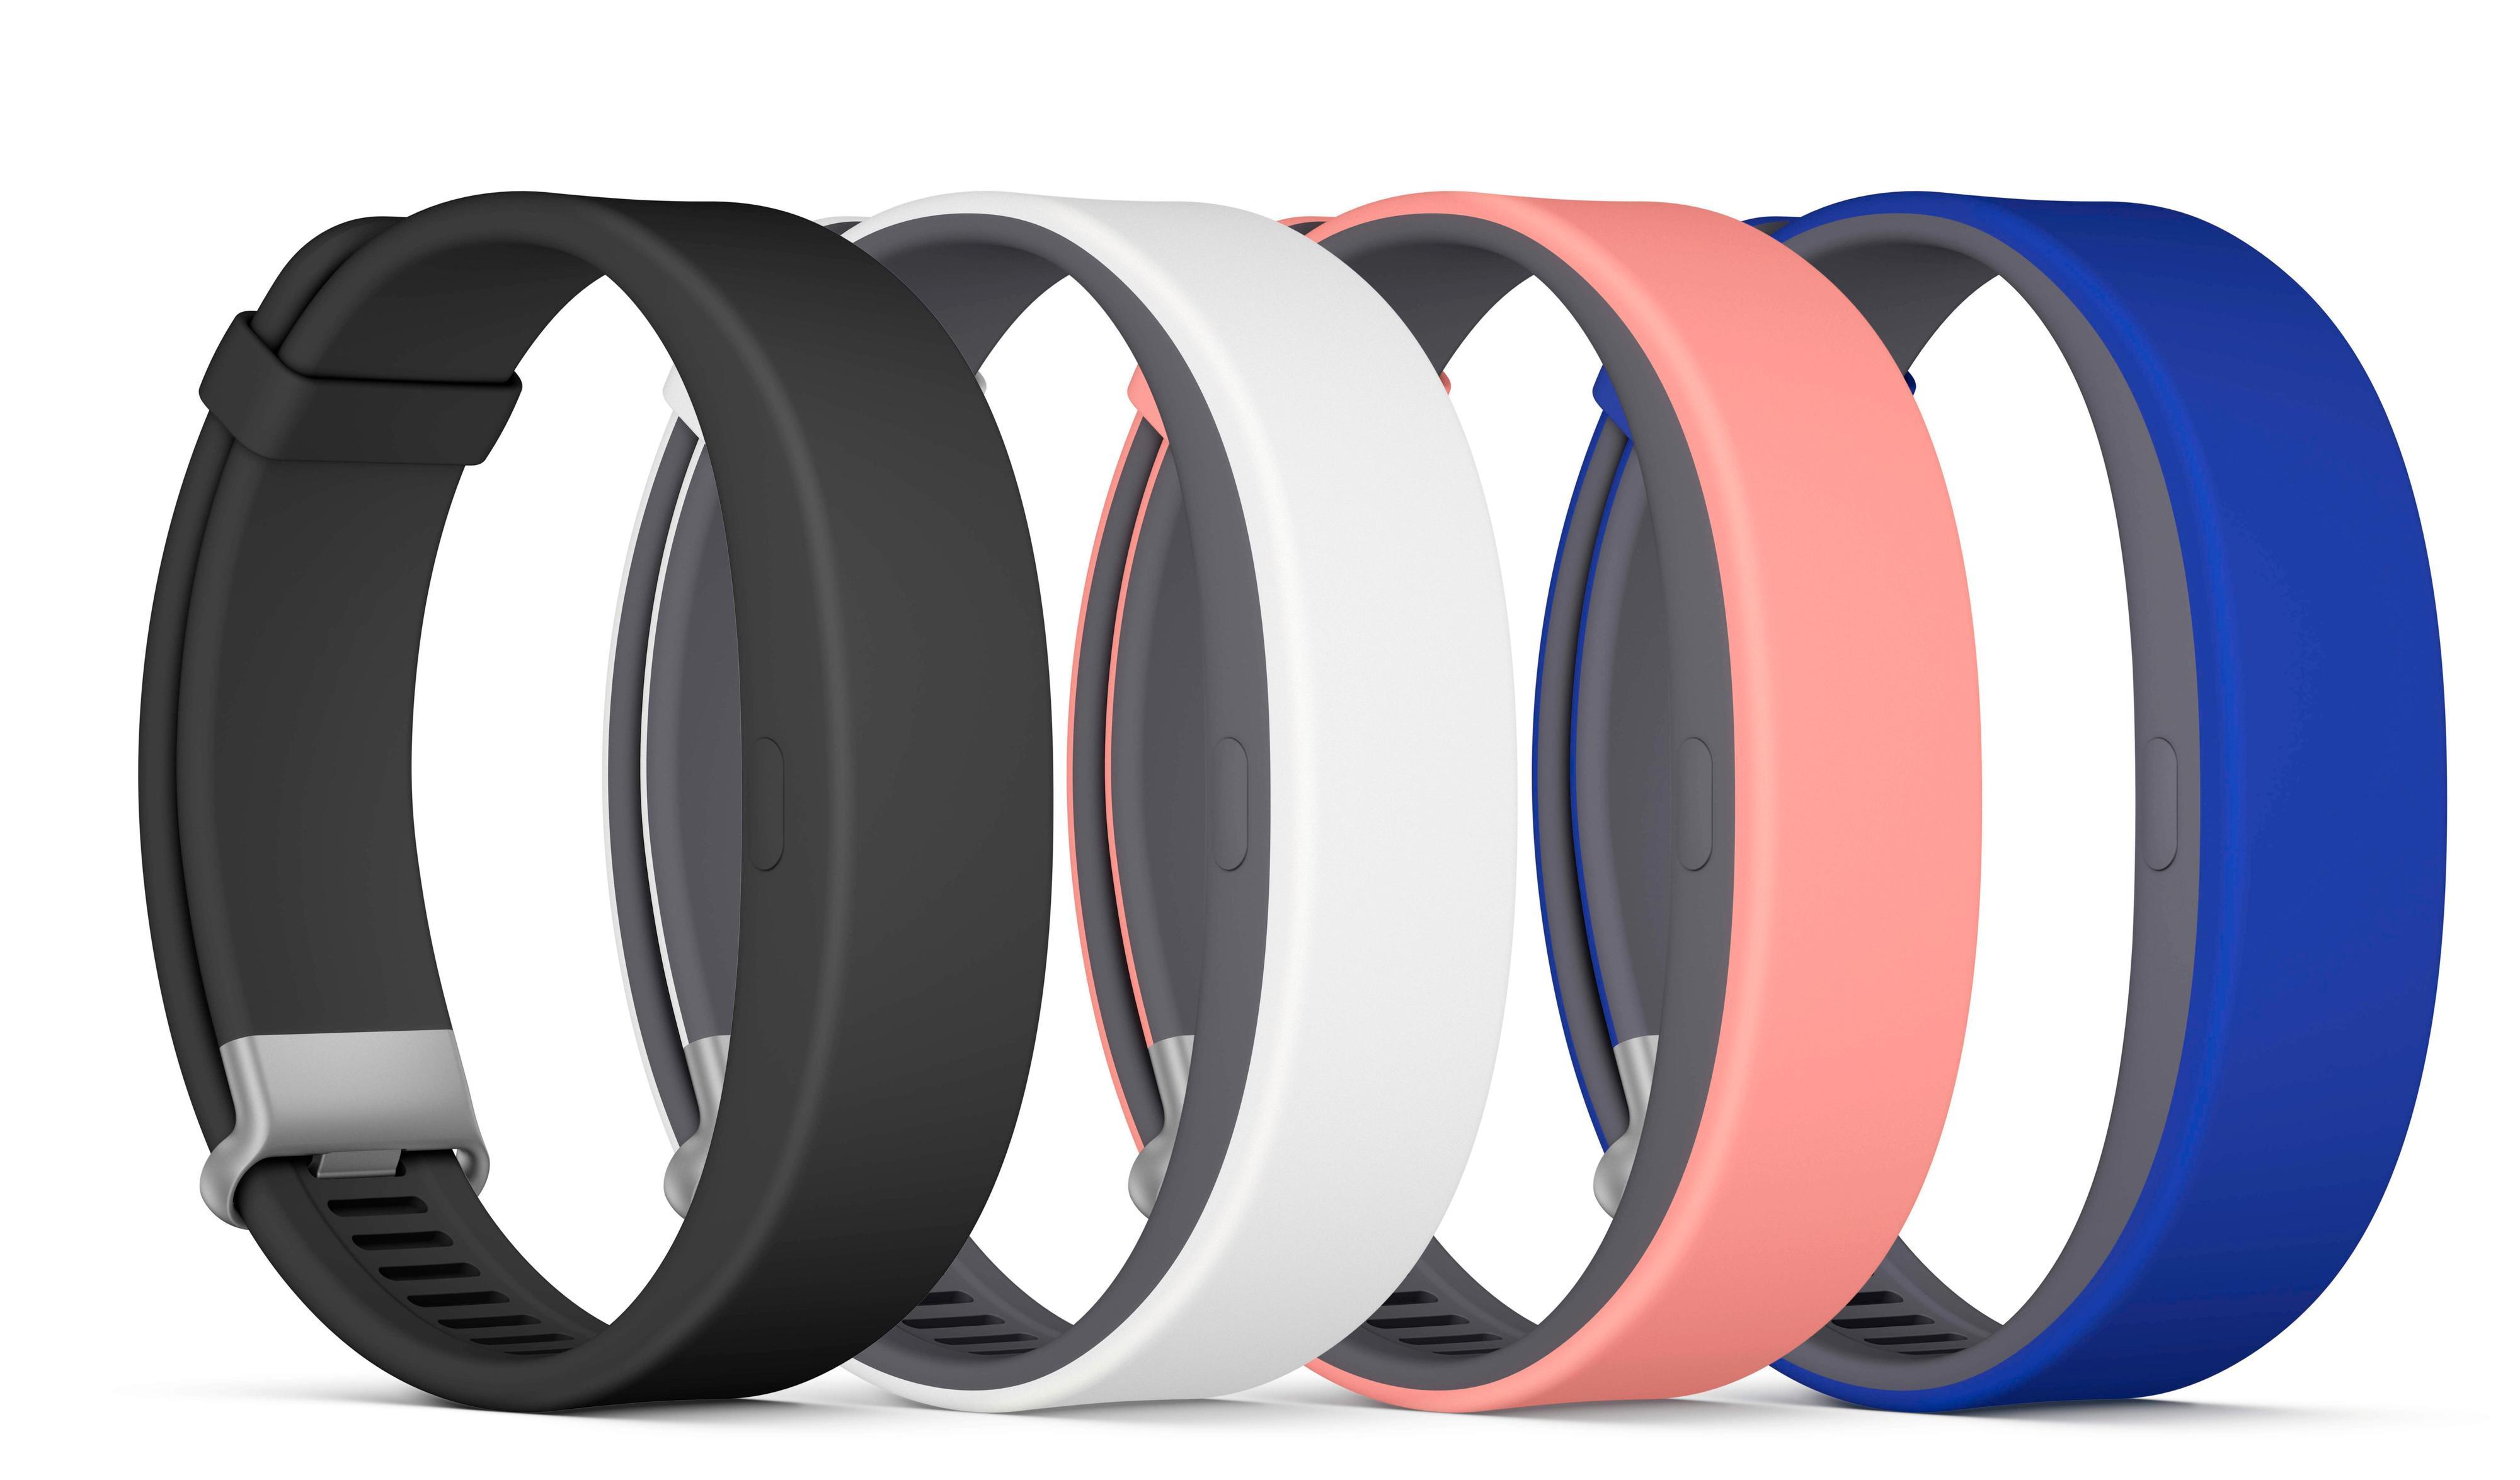 SmartBand 2 kommer i fire ulike farger, men bare svart eller hvitt i første omgang. Foto: Sony